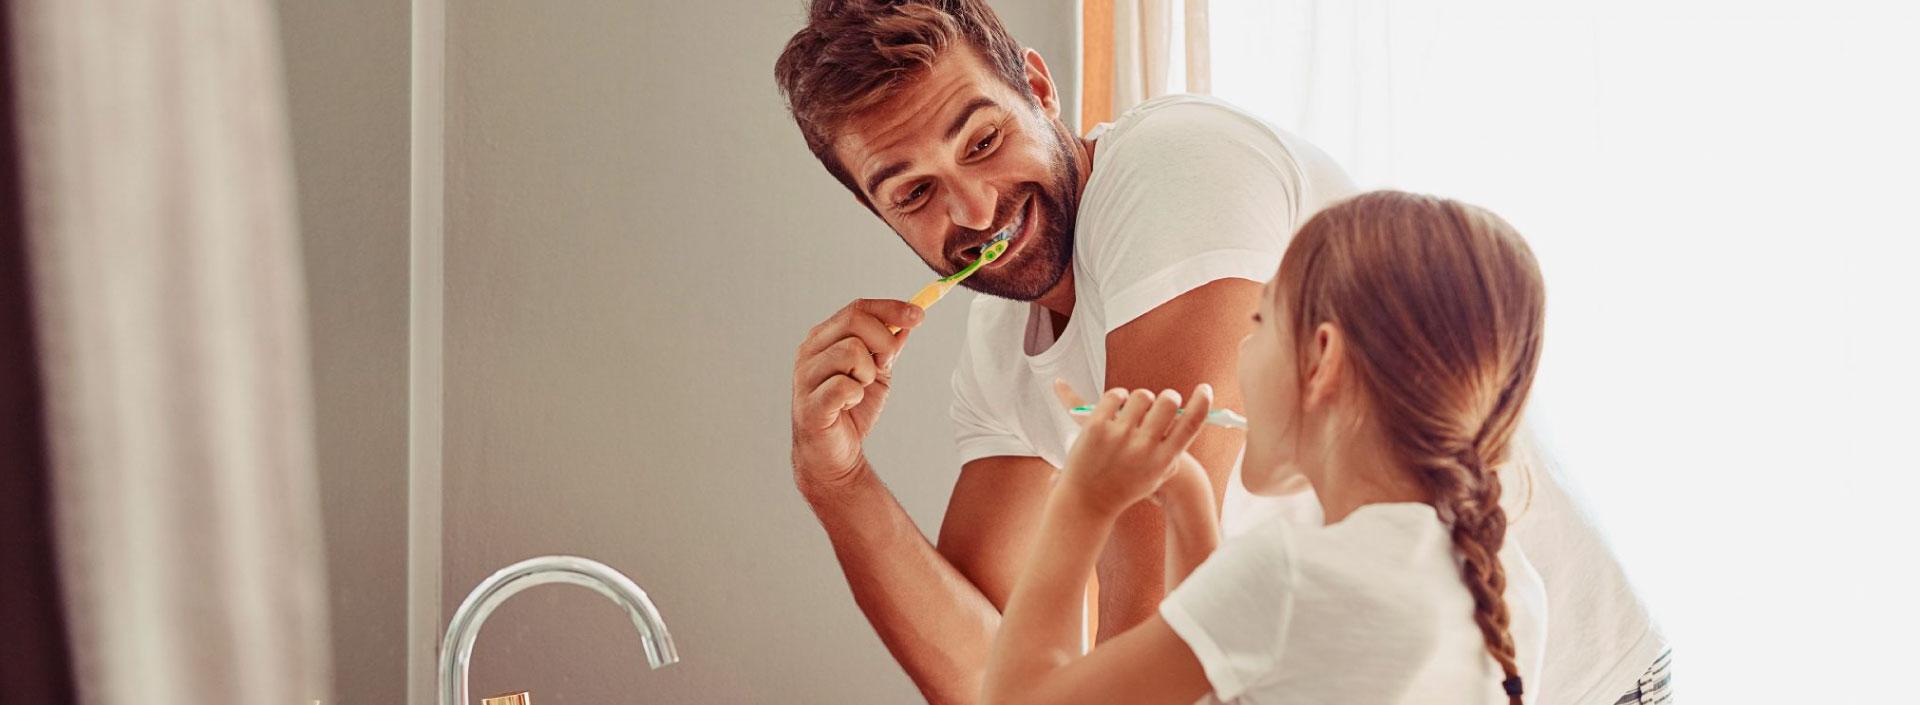 Odontología conservadora y periodoncia en Elda y Petrer, Clínica dental Comisura